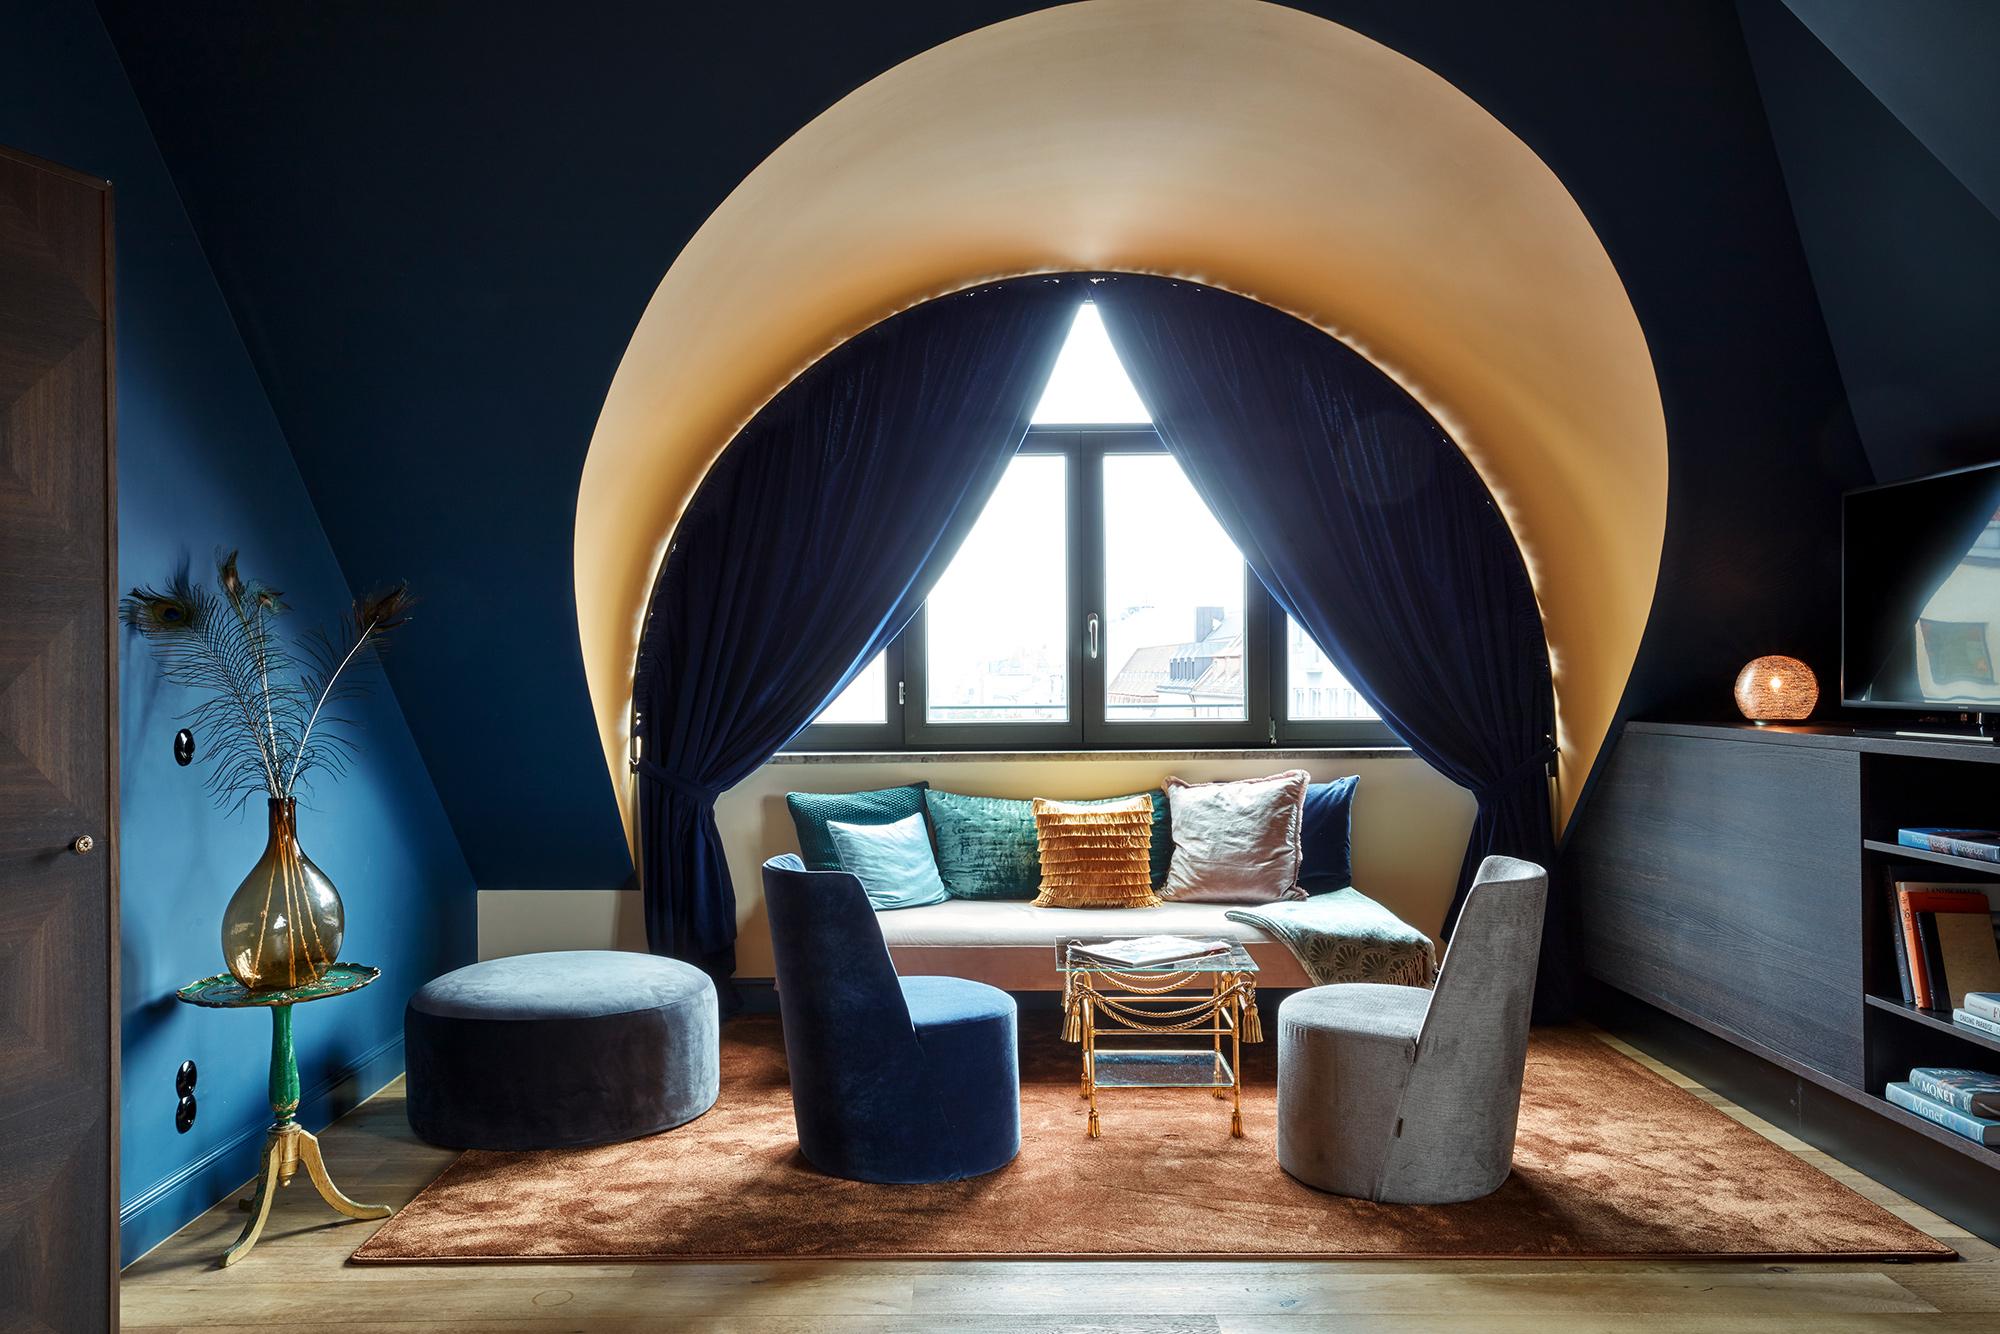 25h_RoyalBavarian_SteveHerud_Rooms_PeacockSuite_large4